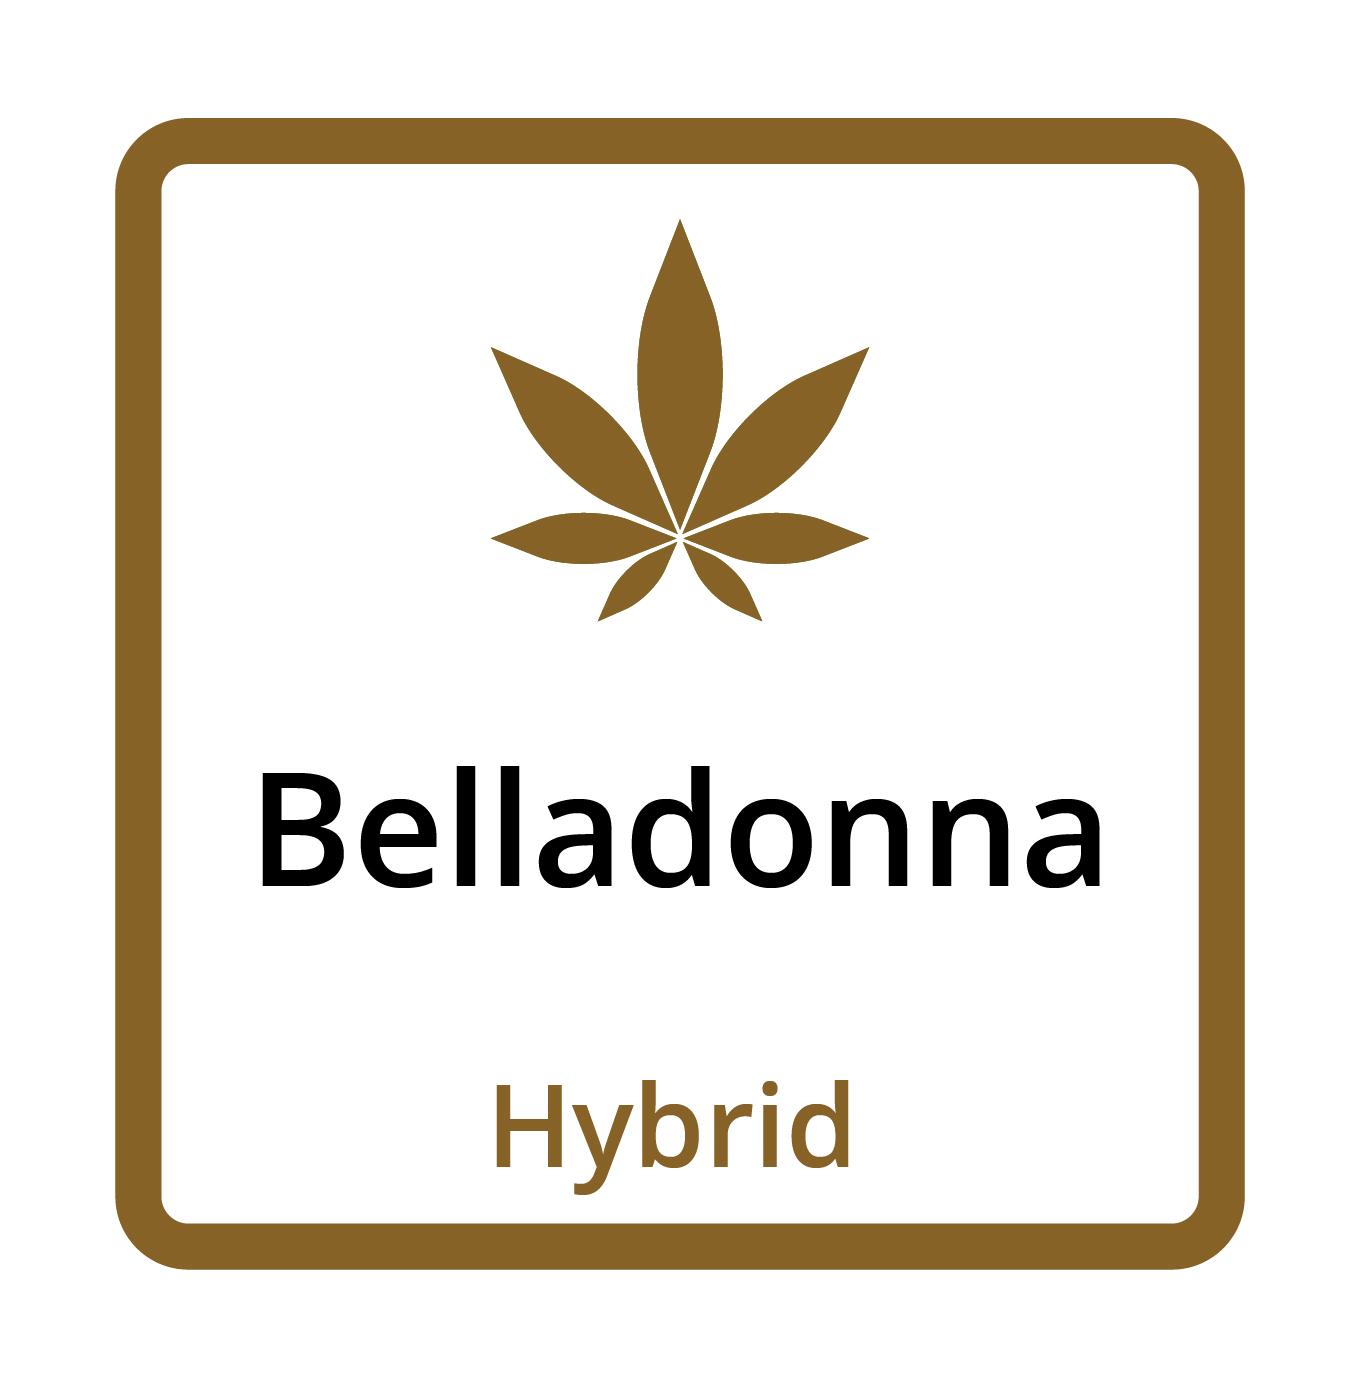 Belladonna (Hybrid)